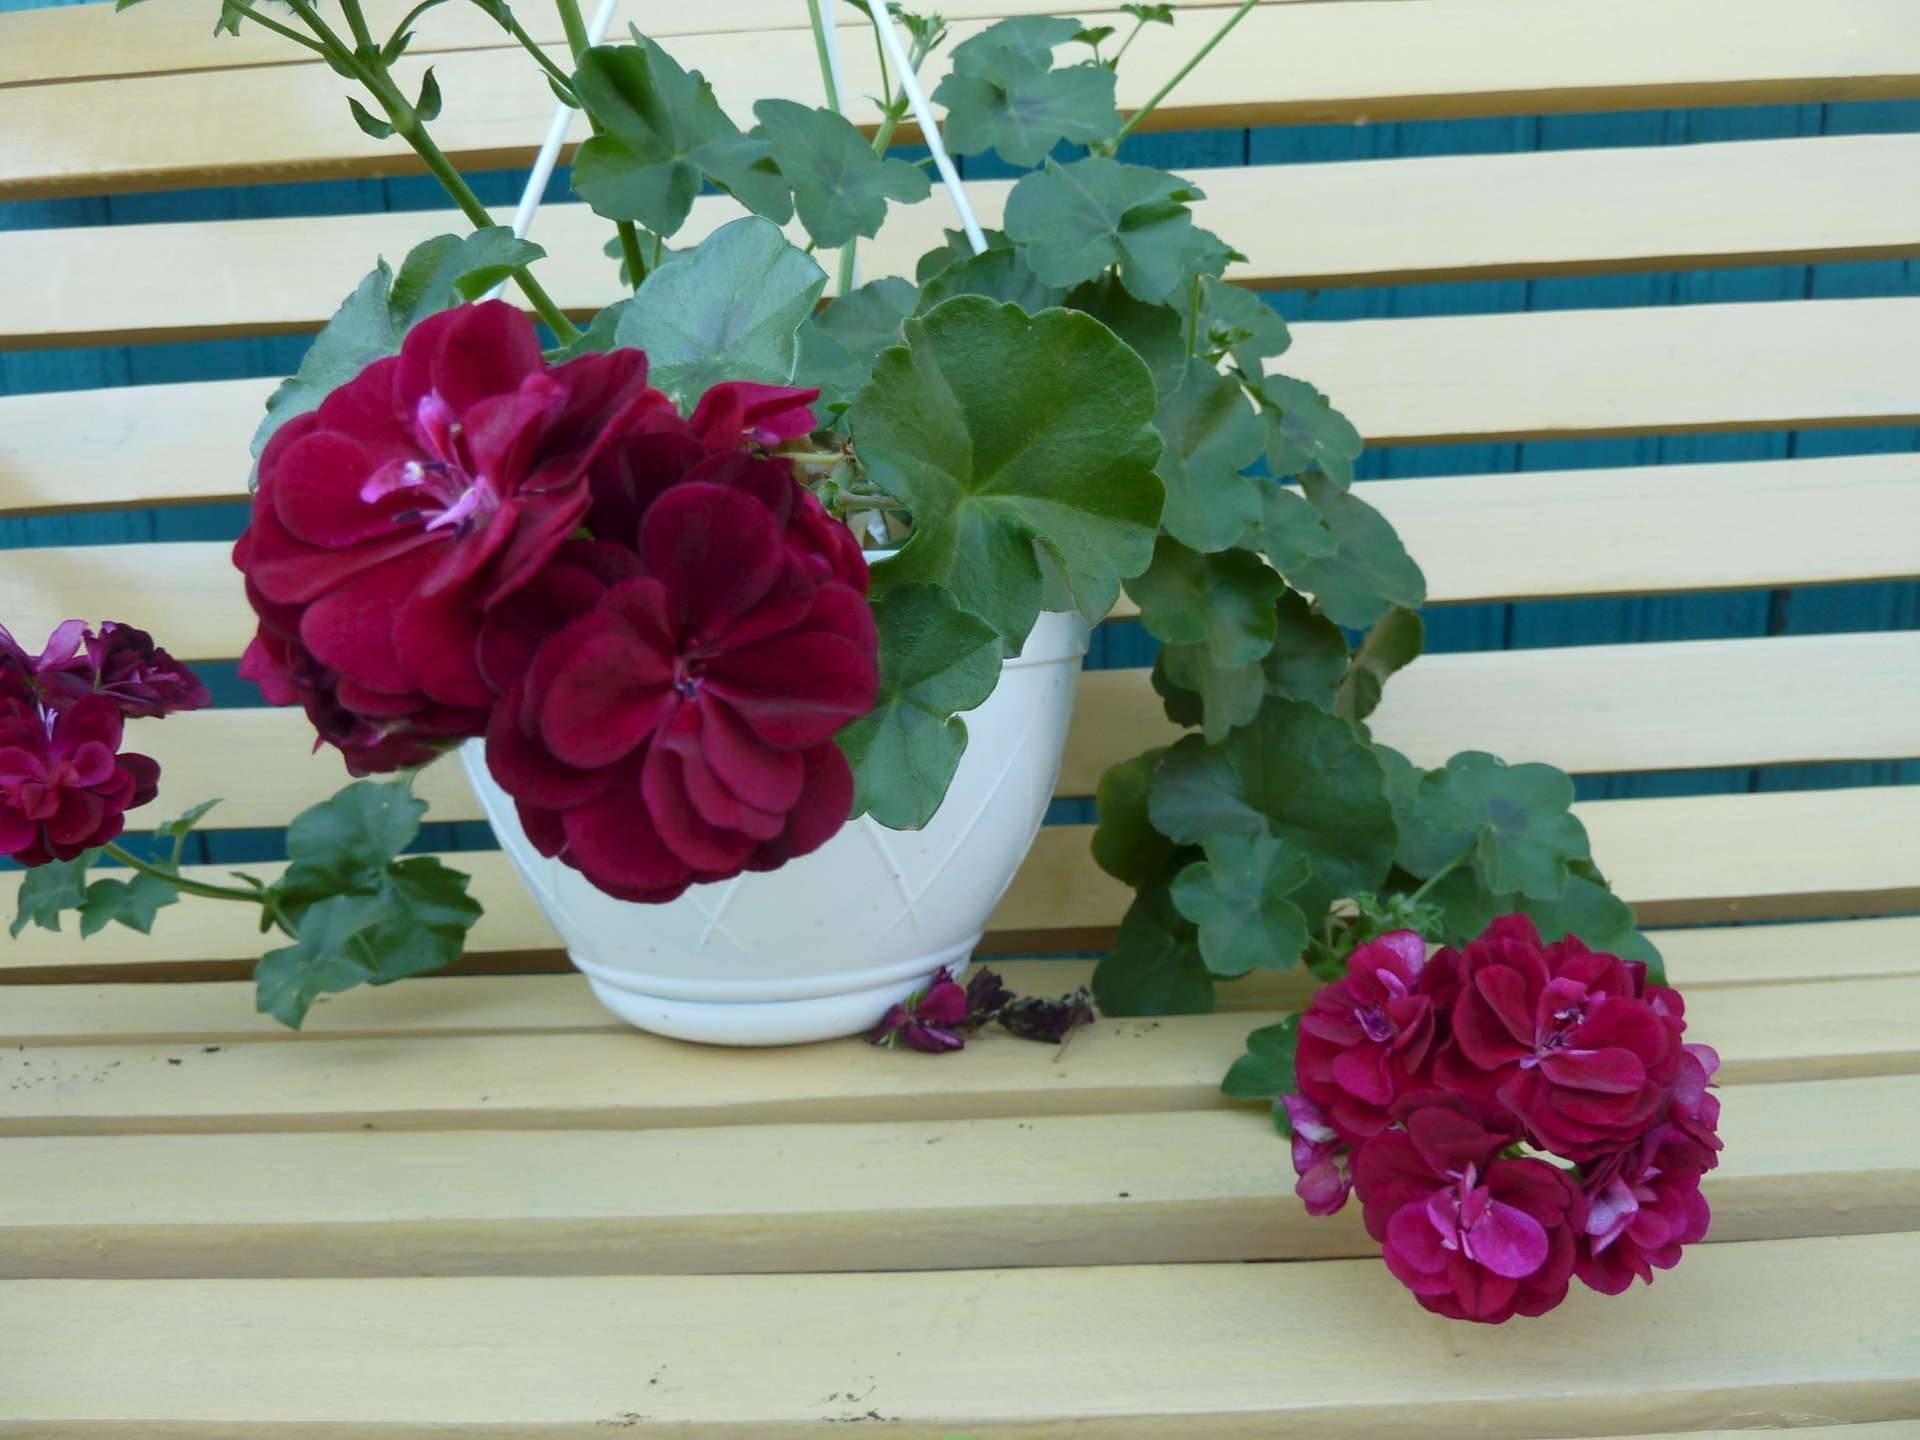 Практические рекомендации по выращиванию и уходу за плющевидной геранью в домашних условиях